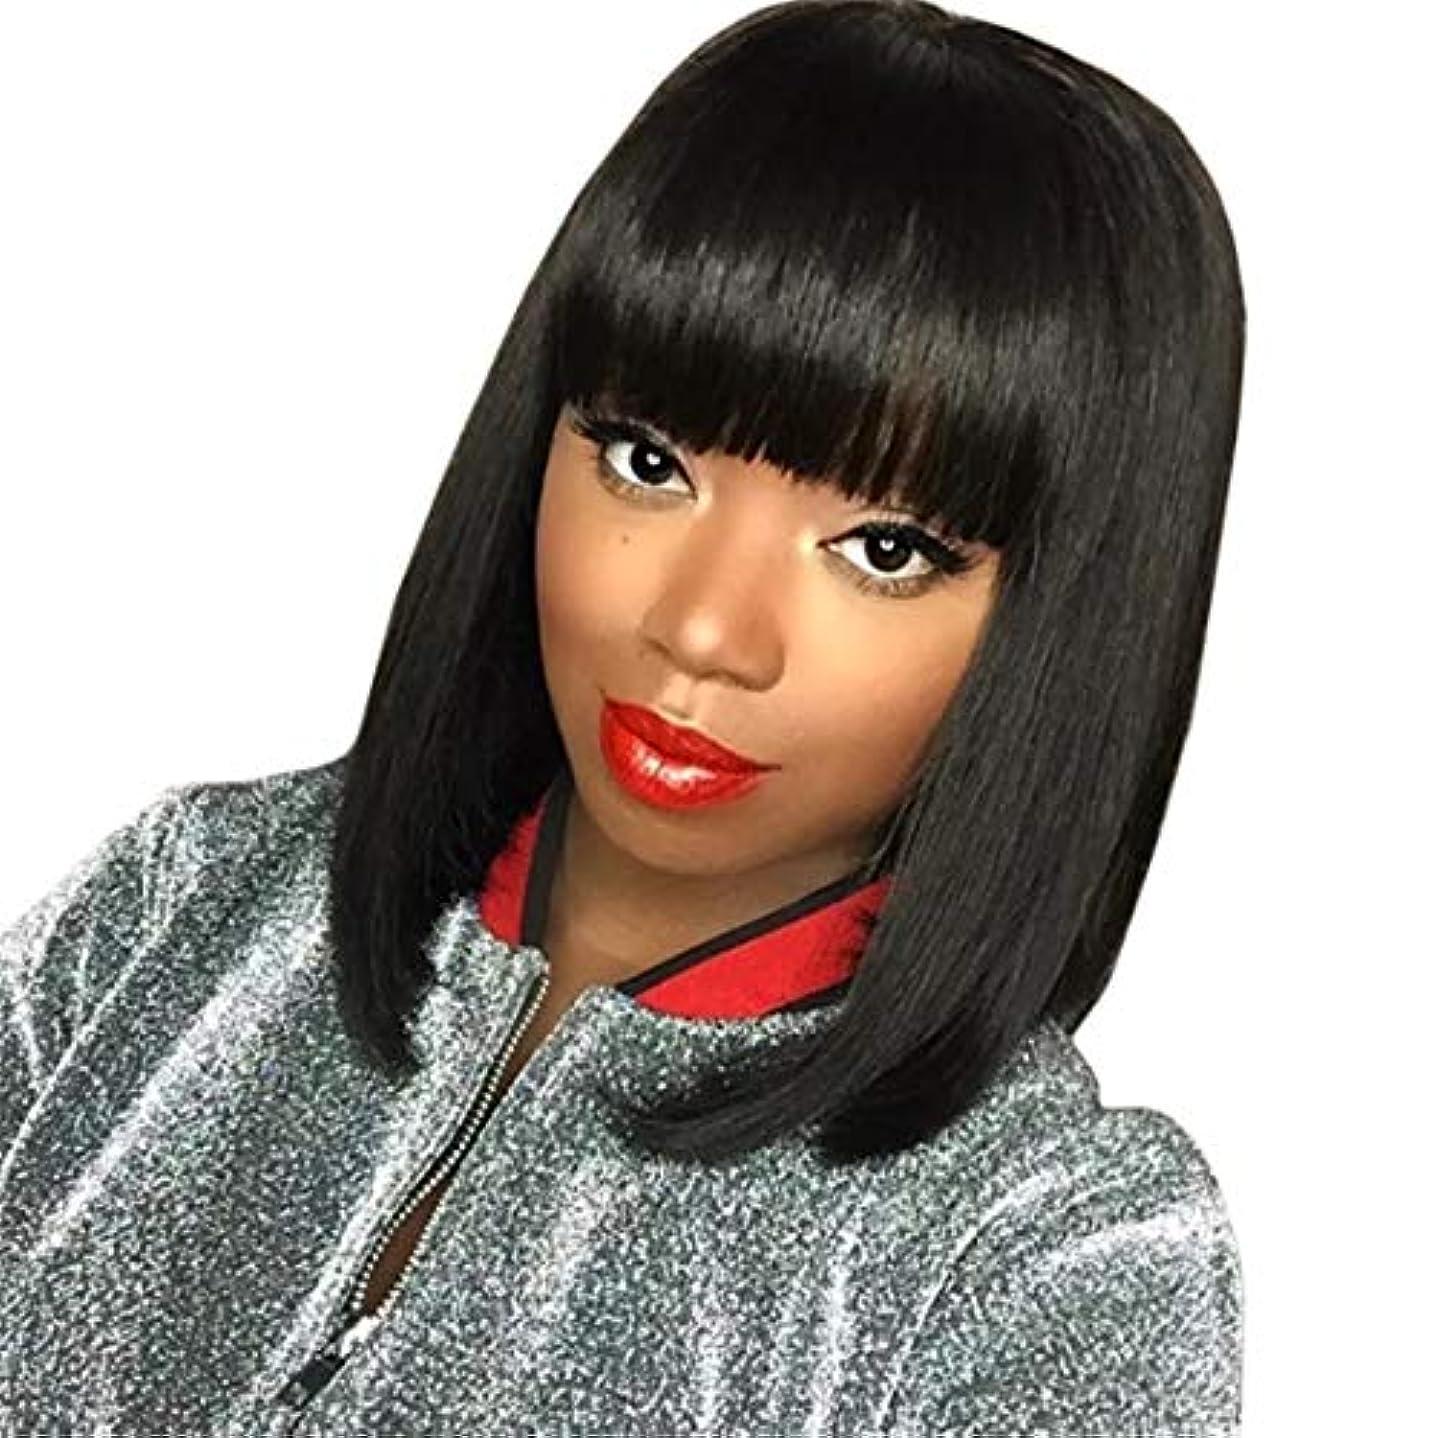 眼手順平和的Koloeplf 女性用フルヘッドウィッグミディアムロングストレートヘアインナーバックル付き前髪かつら女性用ナチュラルカラーの髪の毛180g(ブラック/ダークブラウン/ライトブラウン)